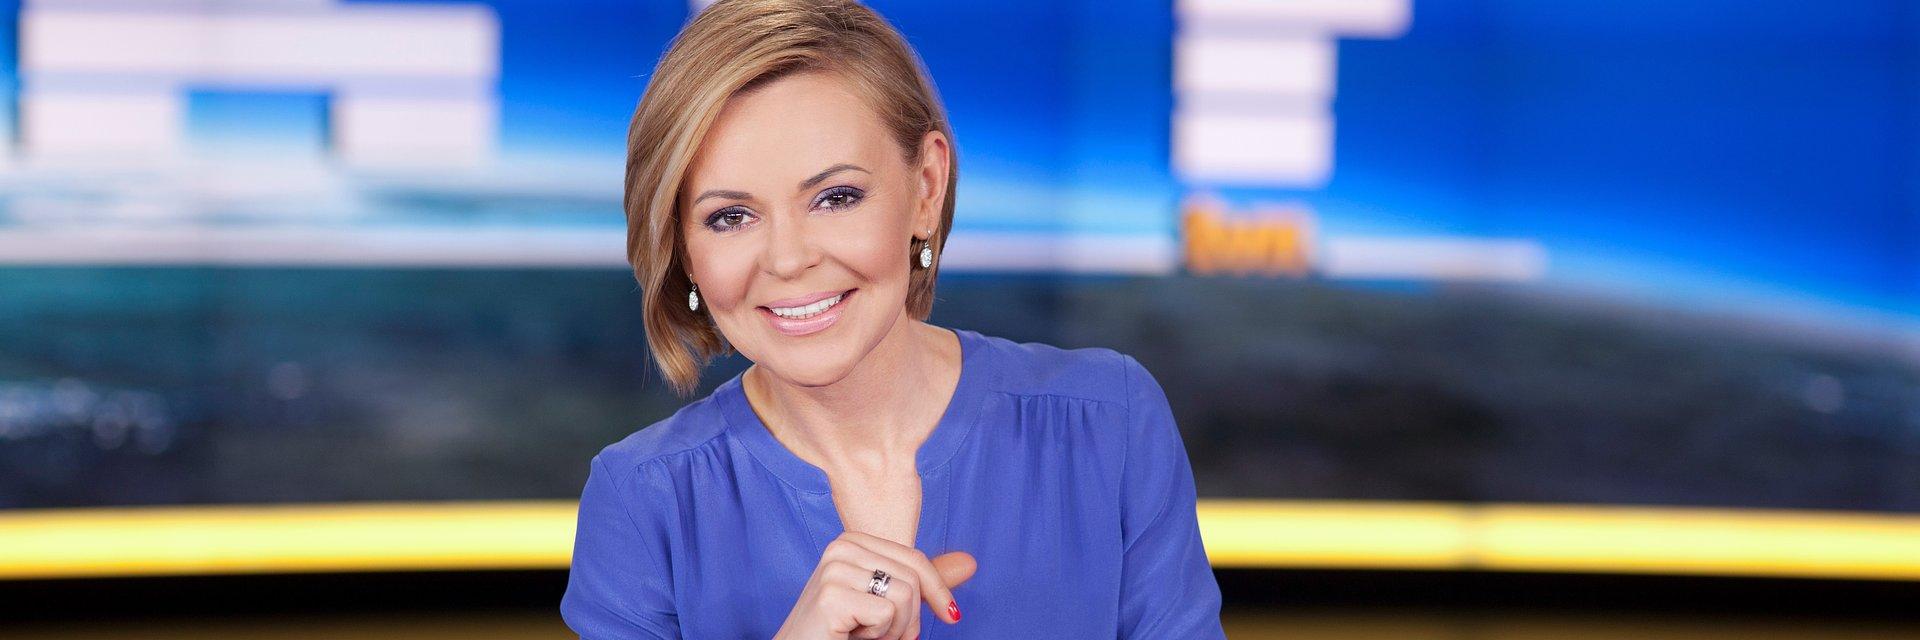 Justyna Pochanke odchodzi z Faktów TVN i TVN24